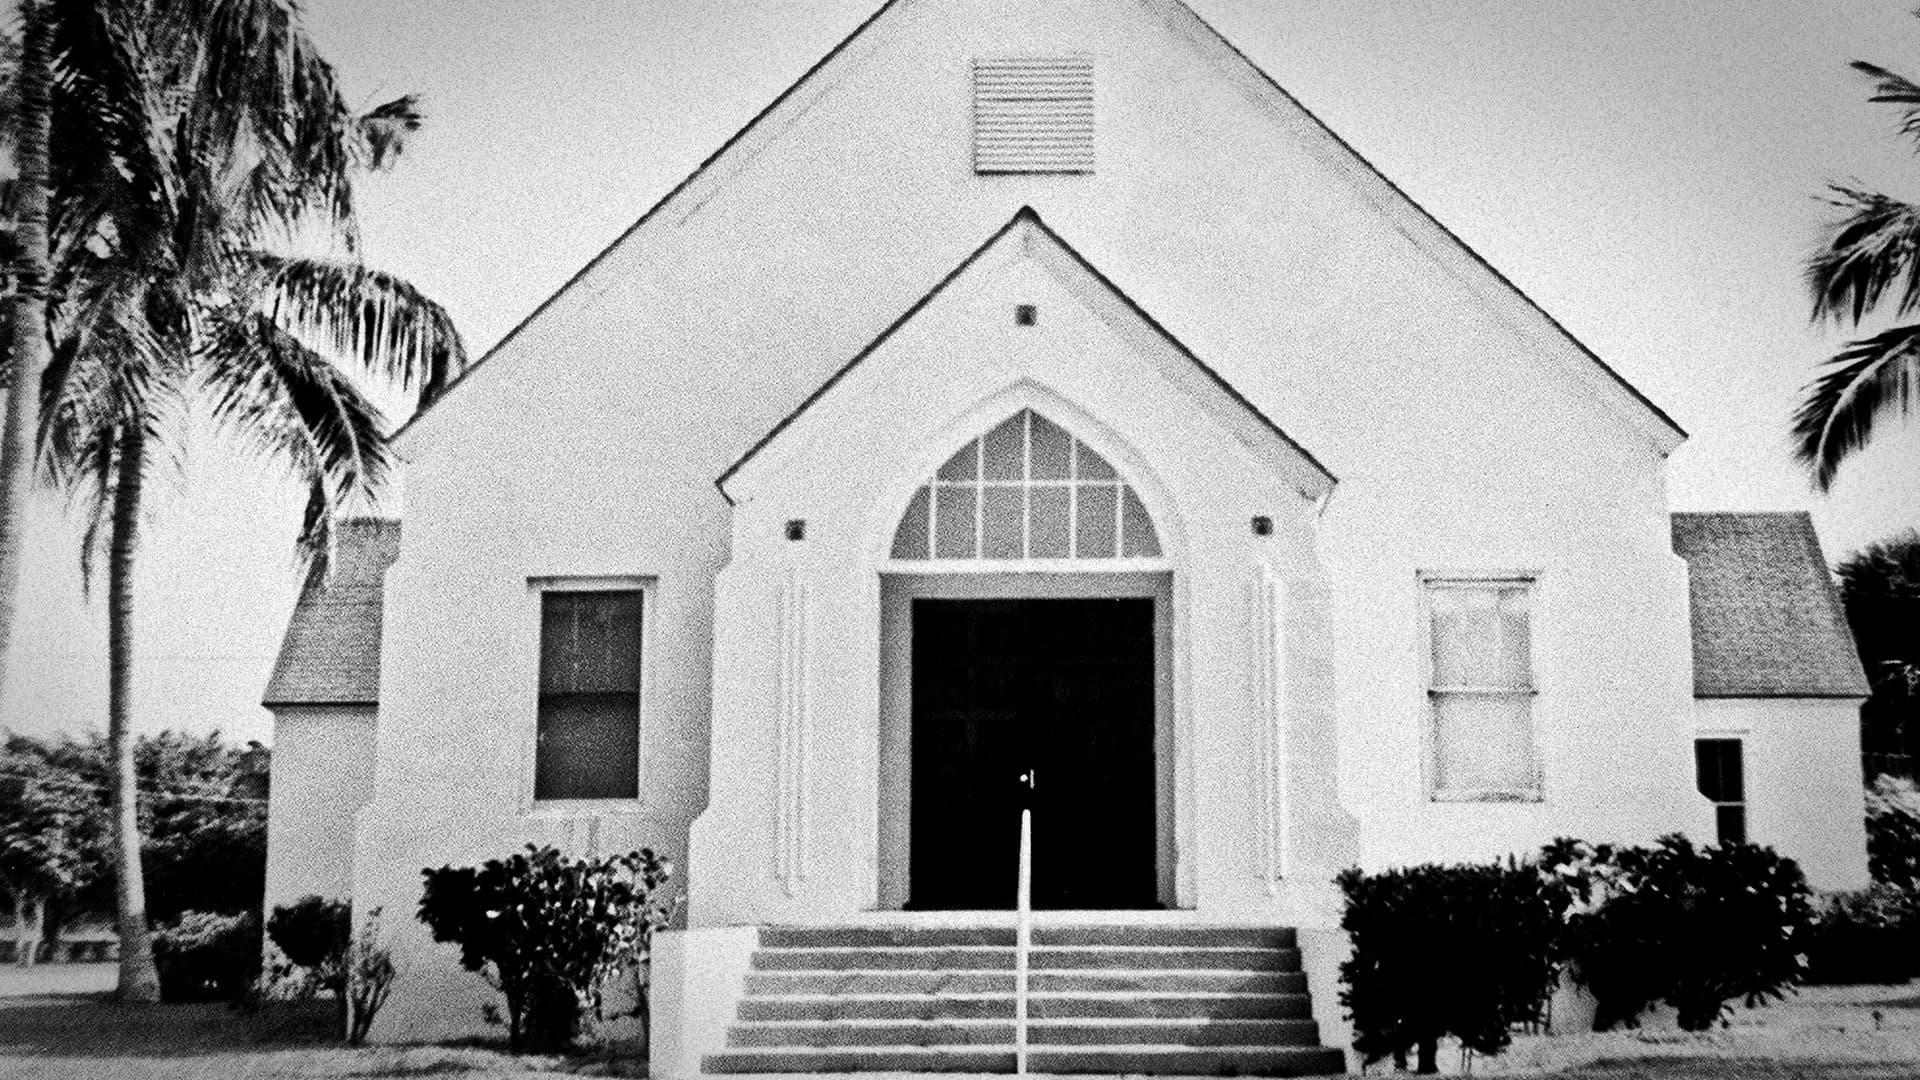 First Baptist Church of Deerfield Beach, FL